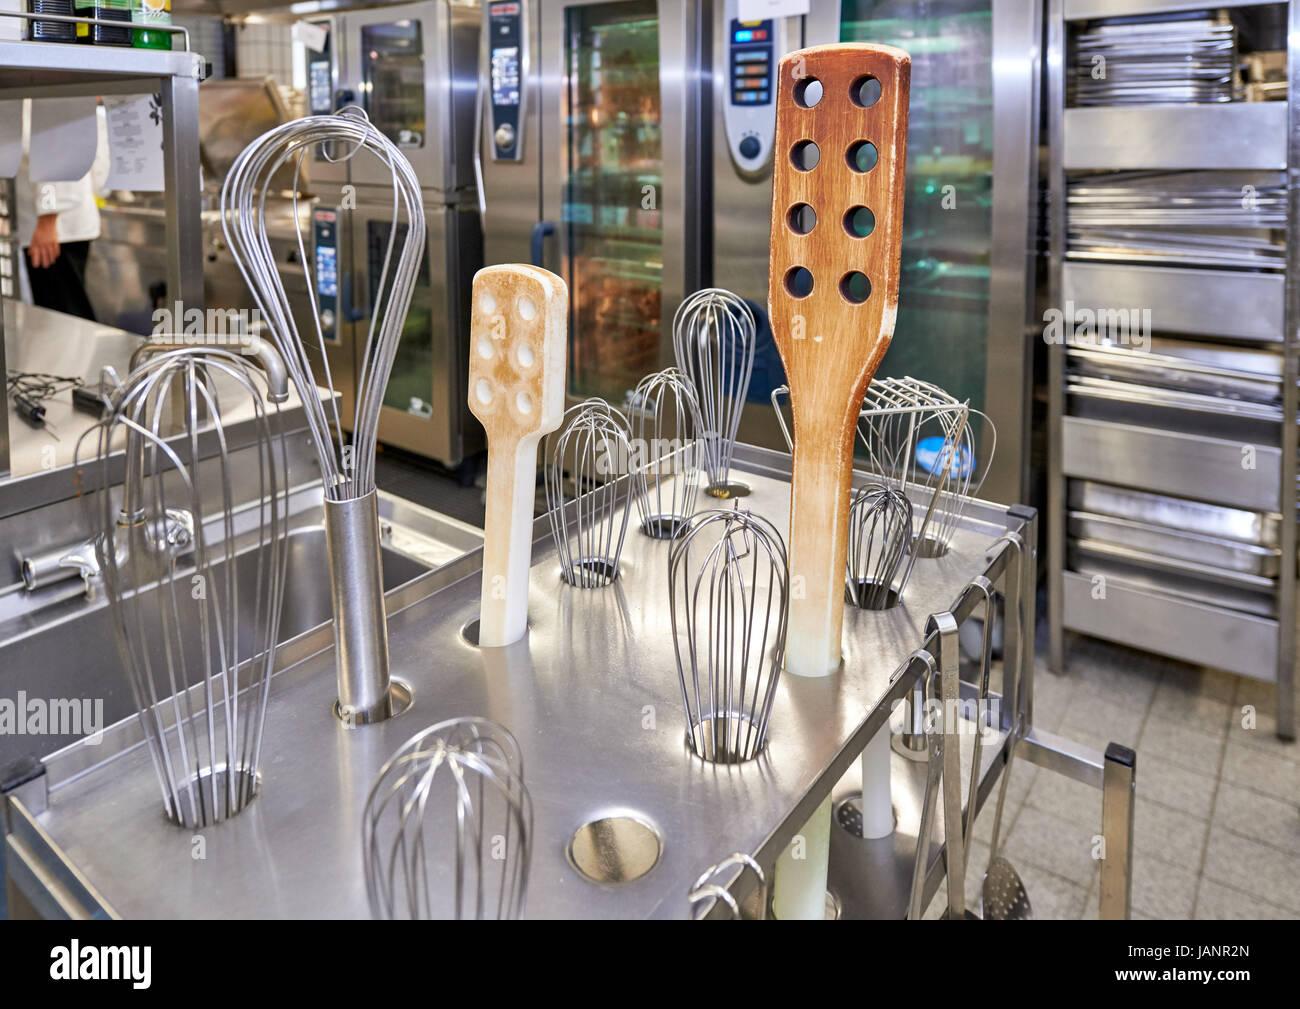 Asiatische Küchenutensilien küchenutensilien stockfotos küchenutensilien bilder alamy